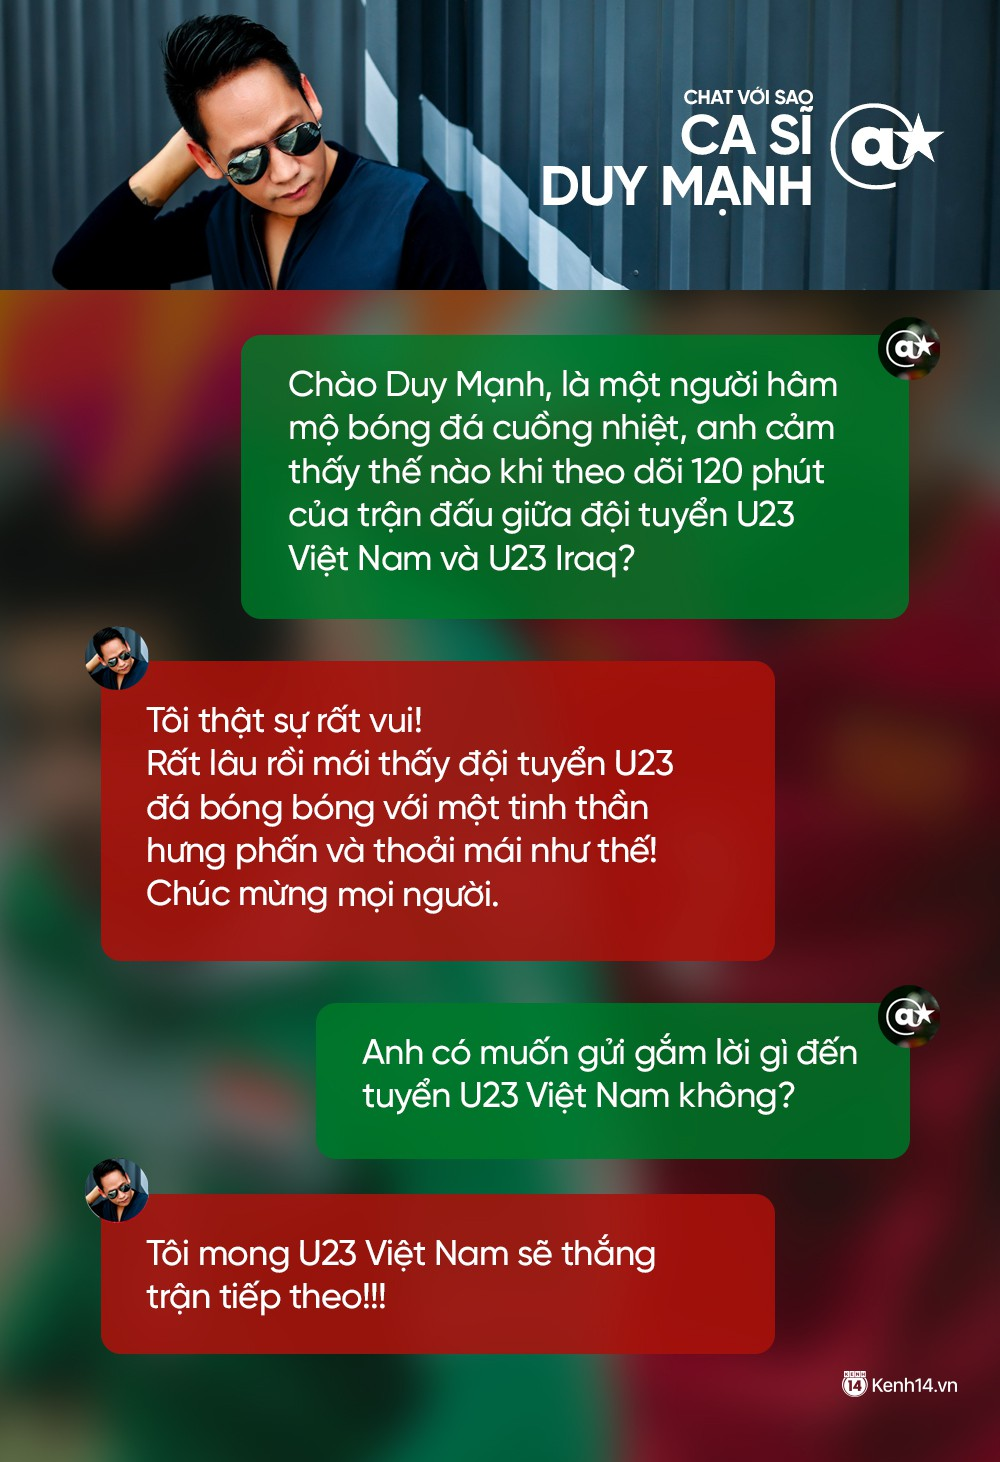 Chat cực nhanh: Tuấn Hưng, Duy Mạnh và dàn sao hào hứng nhắn gửi đến U23 Việt Nam - Ảnh 2.